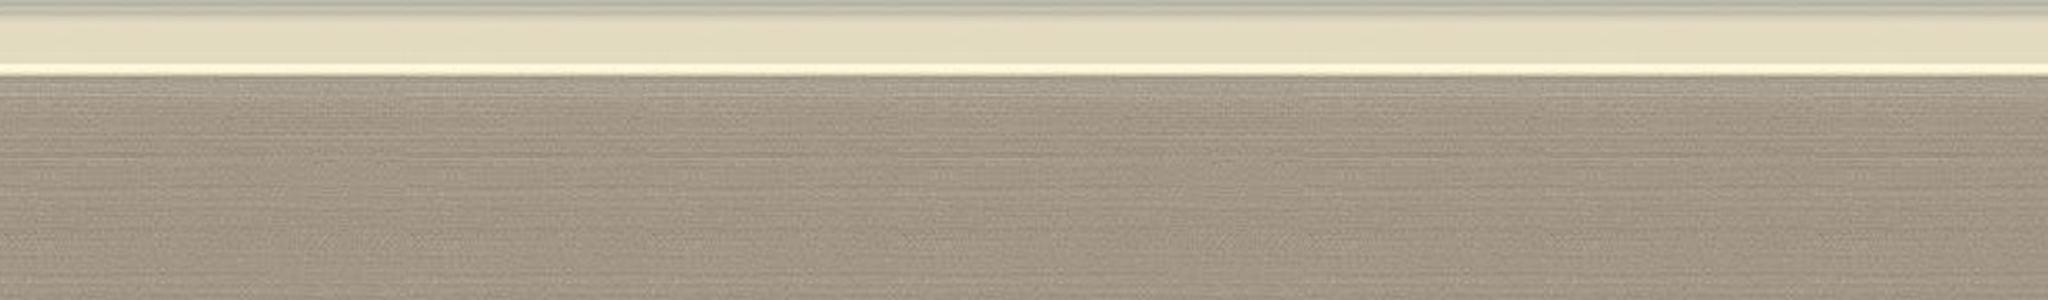 HD 29247 Acryl 3D Edge Steel-Beige